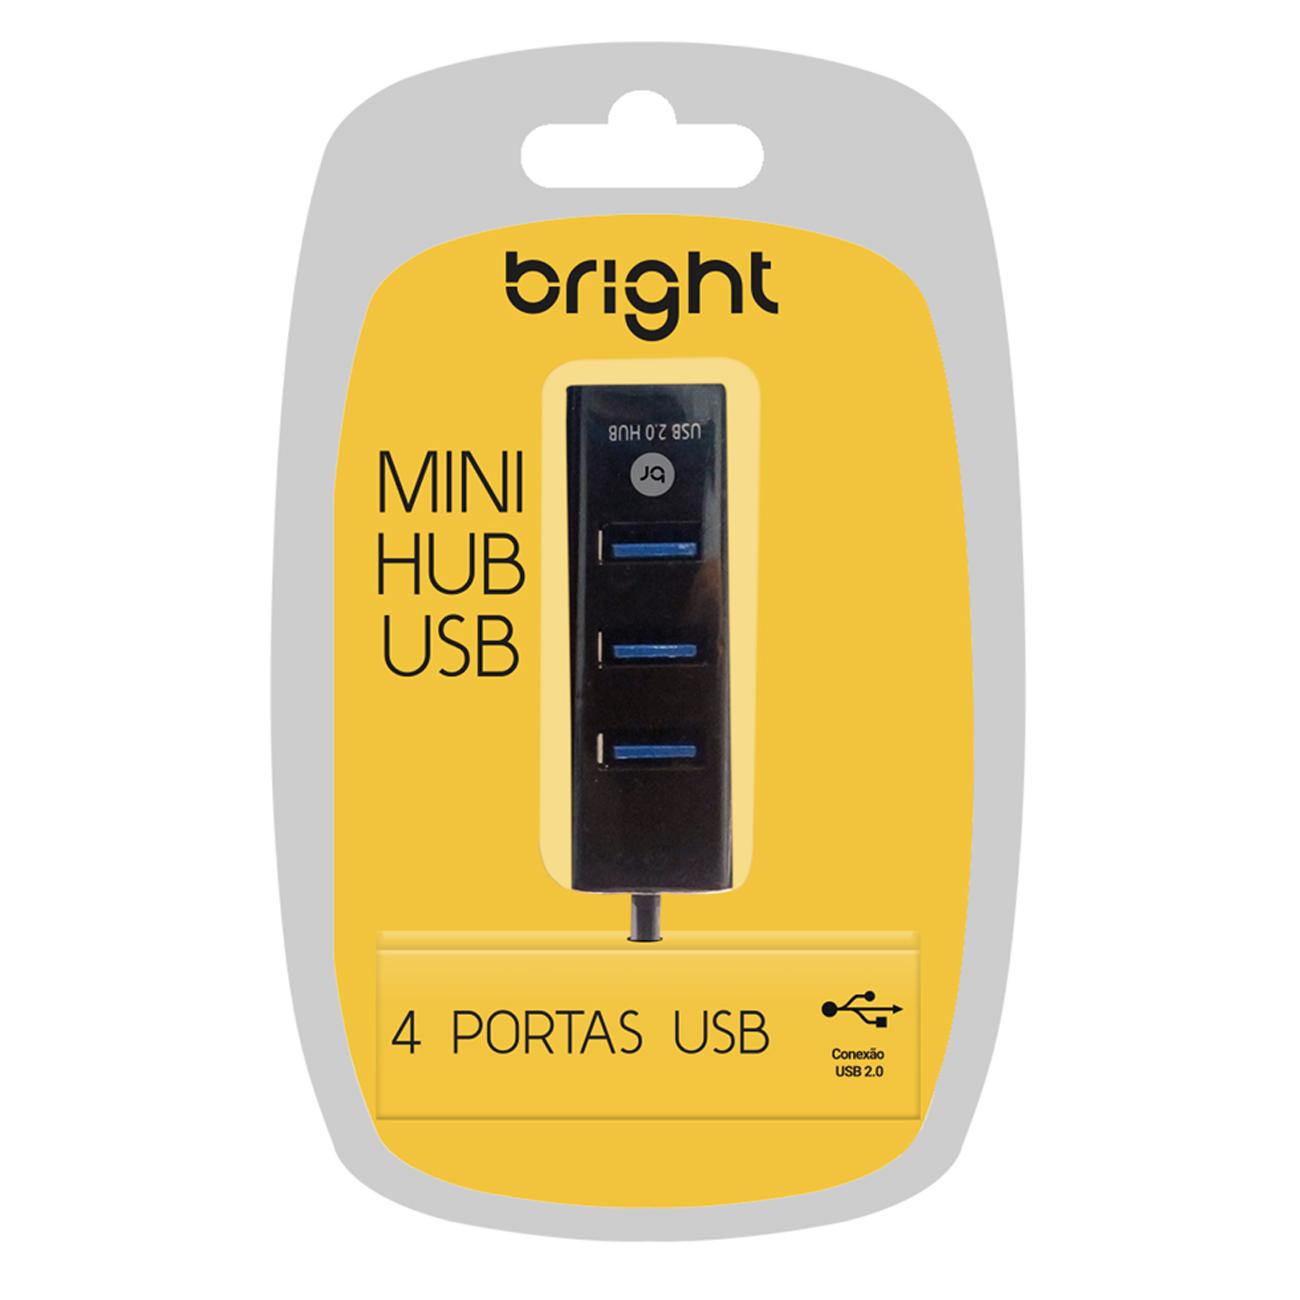 Kit 3 Mini Hubs USB Com 4 Portas 2.0 Fast Carrega Celular  - BRIGHT